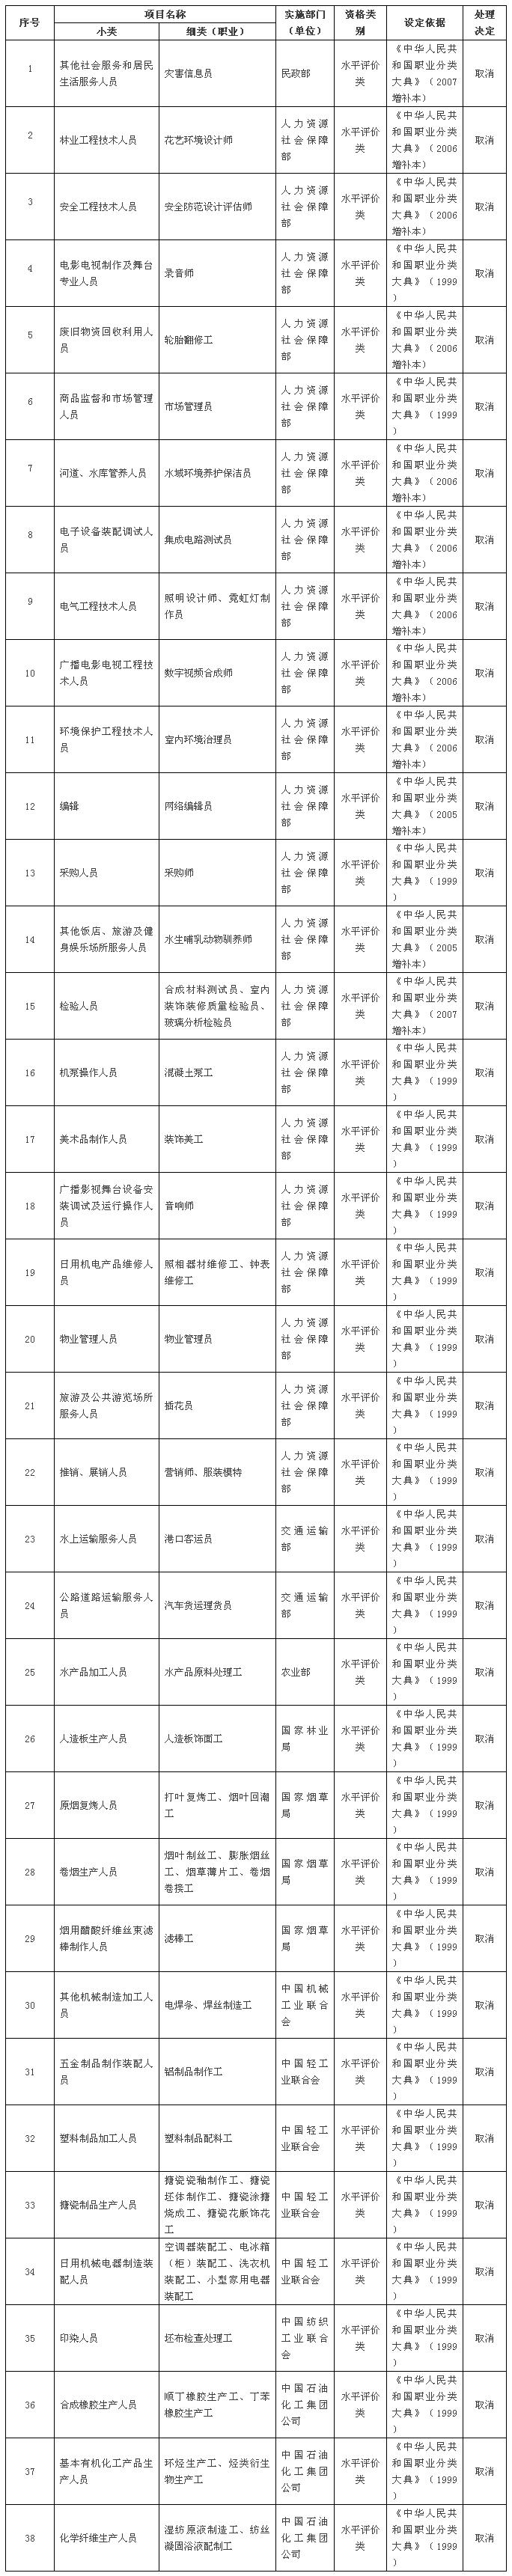 取消的技能人员职业资格许可和认定事项(共计38项,均为水平评价类)